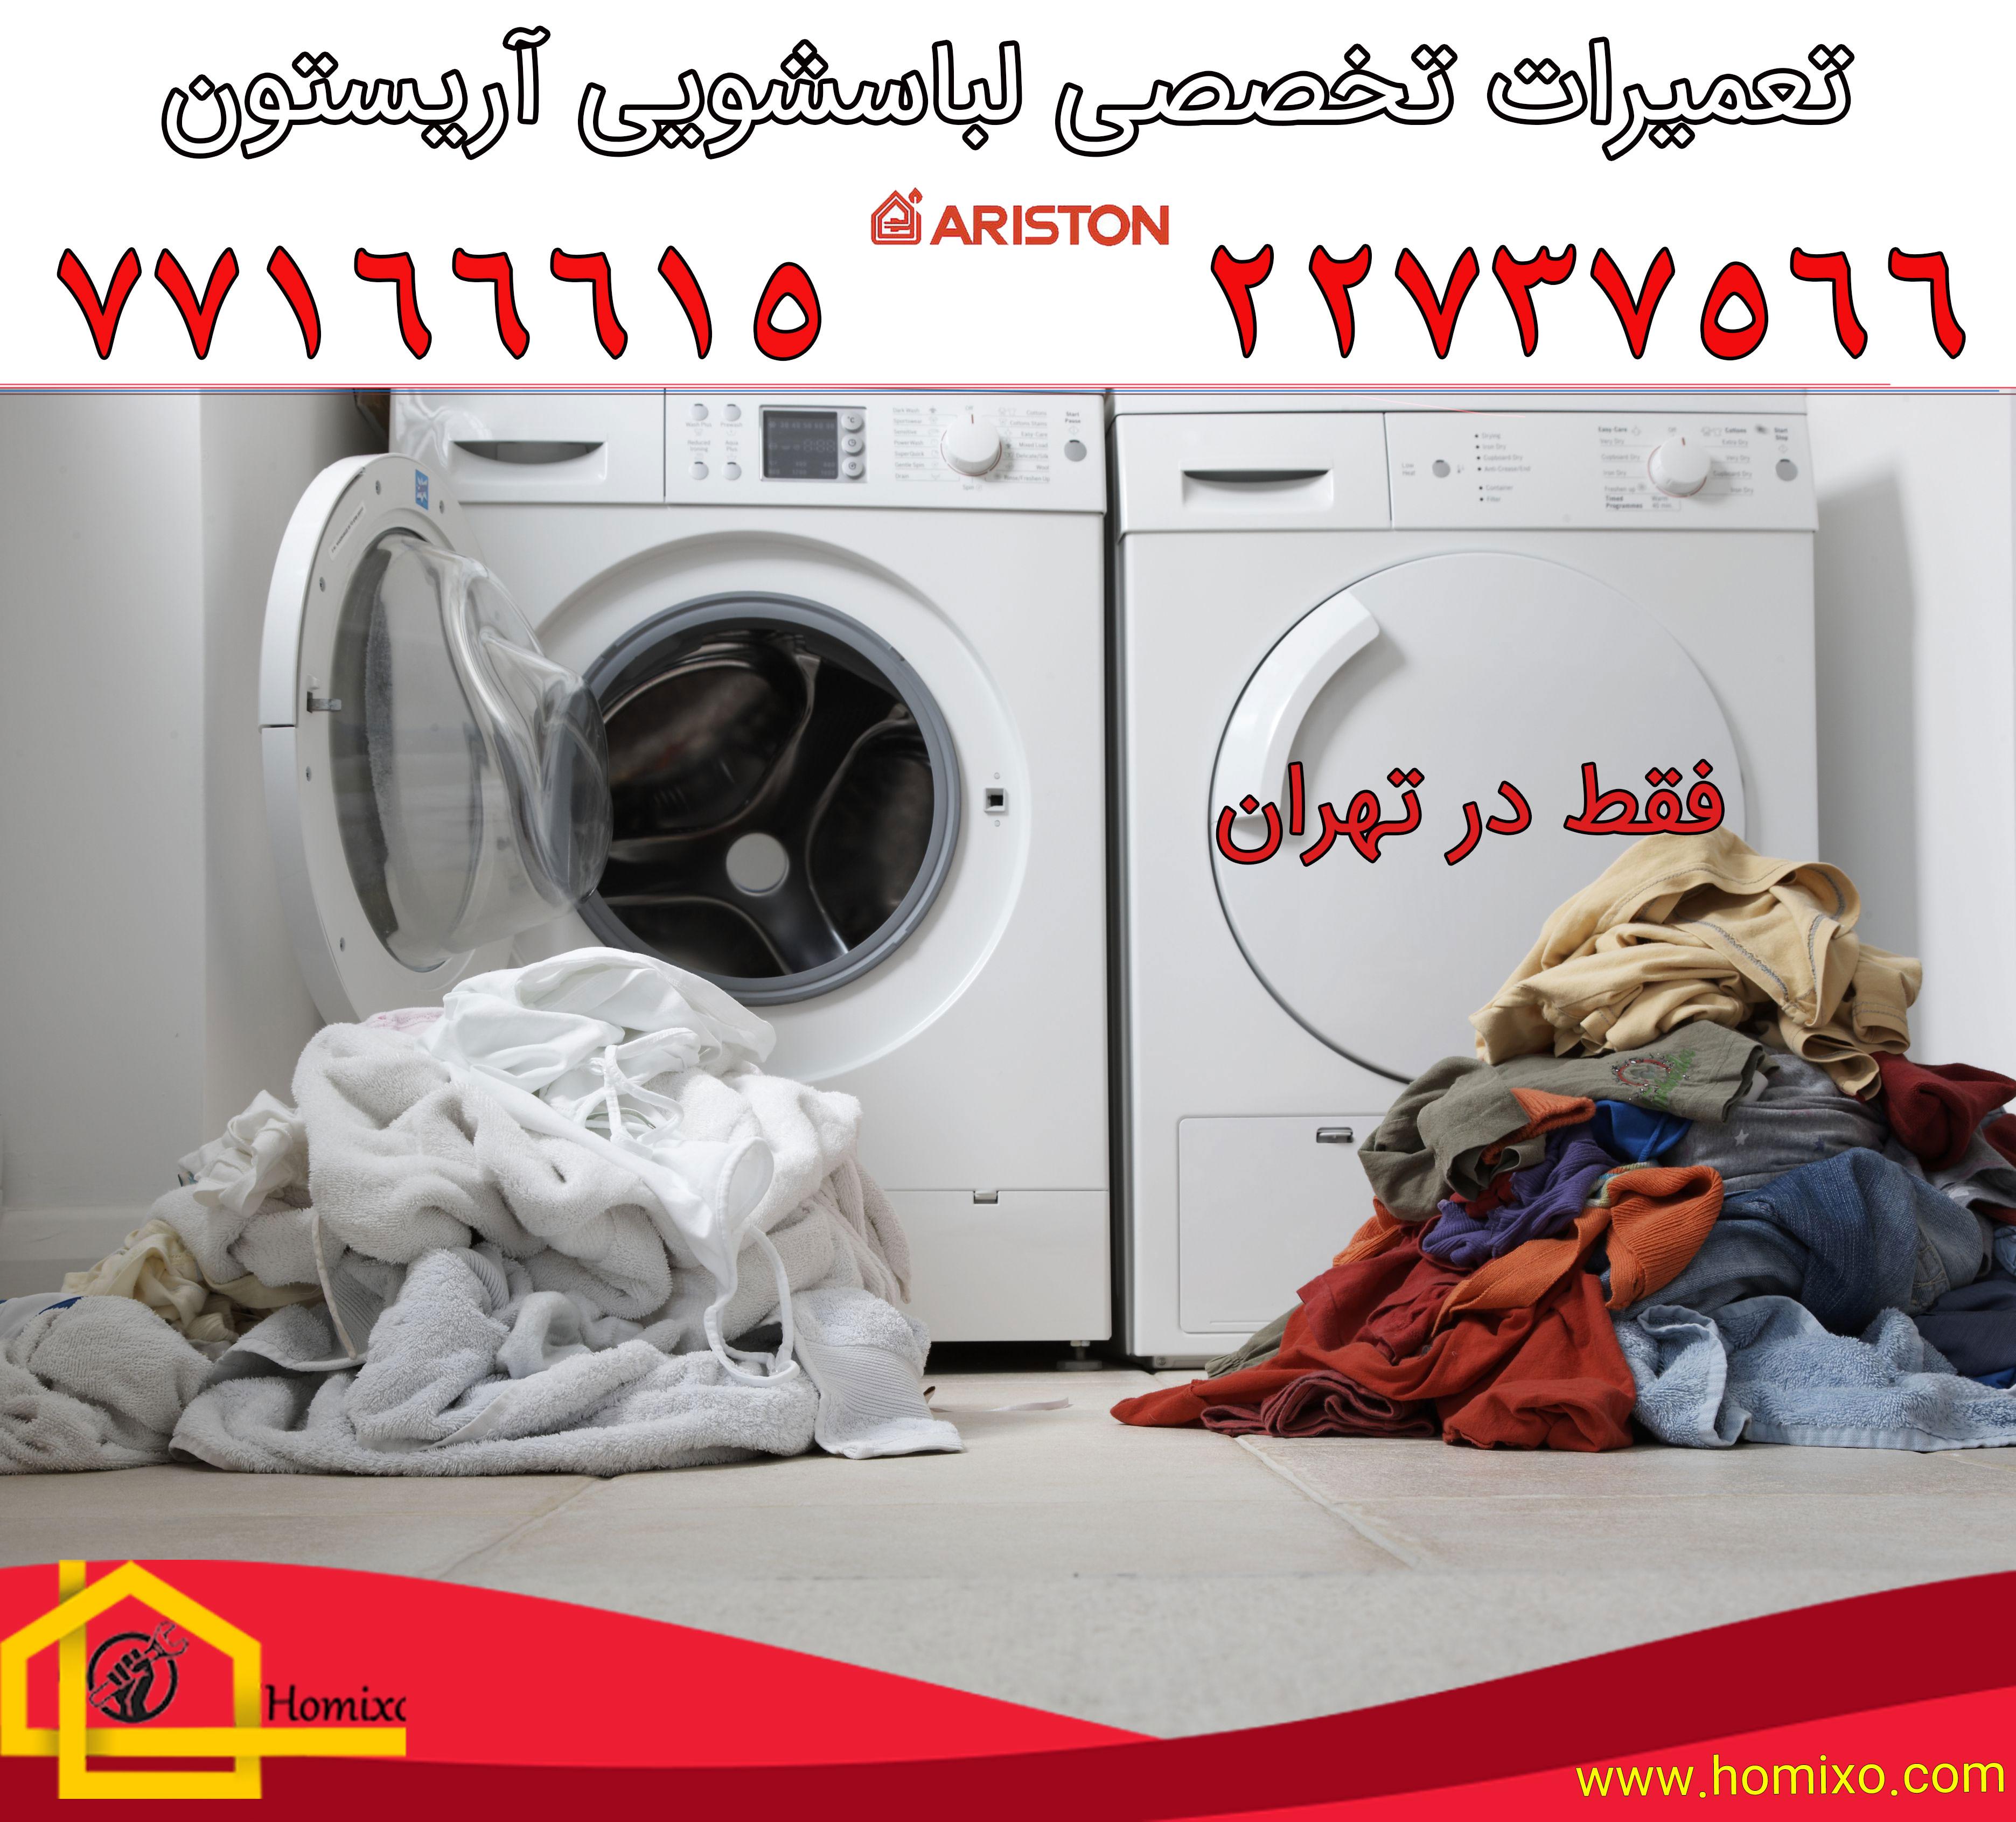 تعمیرات لباسشویی آریستون